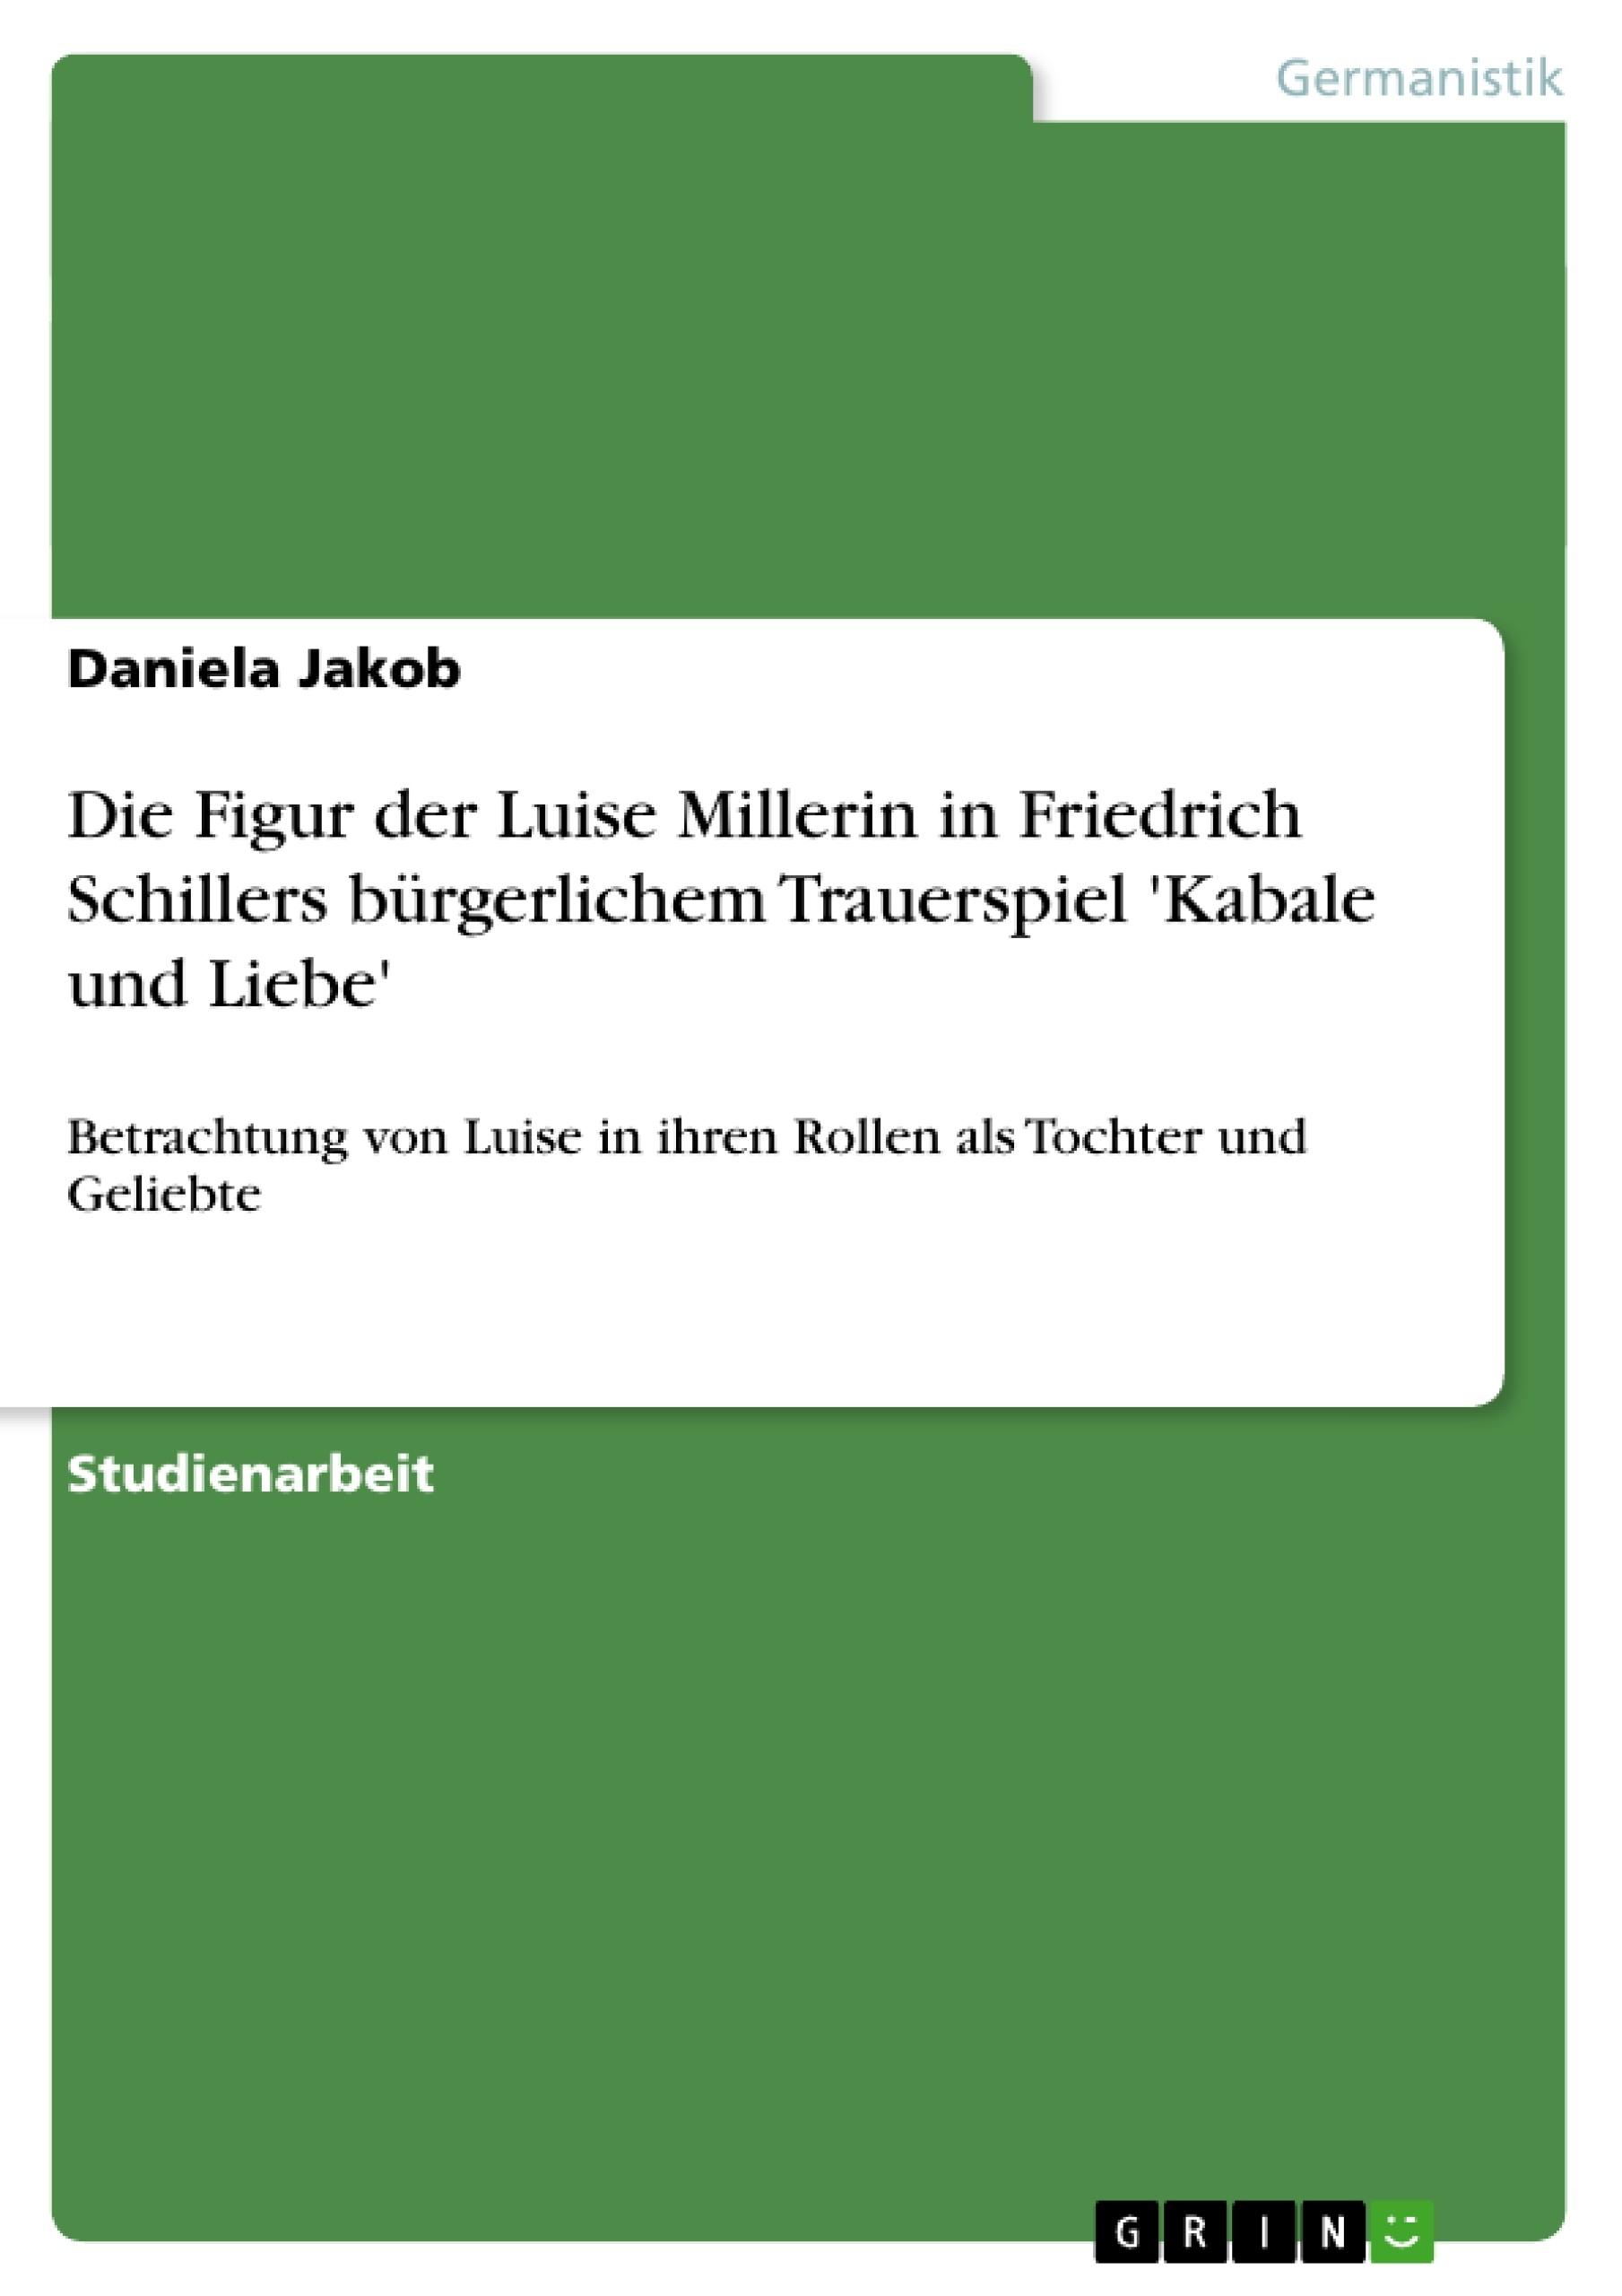 Titel: Die Figur der Luise Millerin in Friedrich Schillers bürgerlichem Trauerspiel 'Kabale und Liebe'